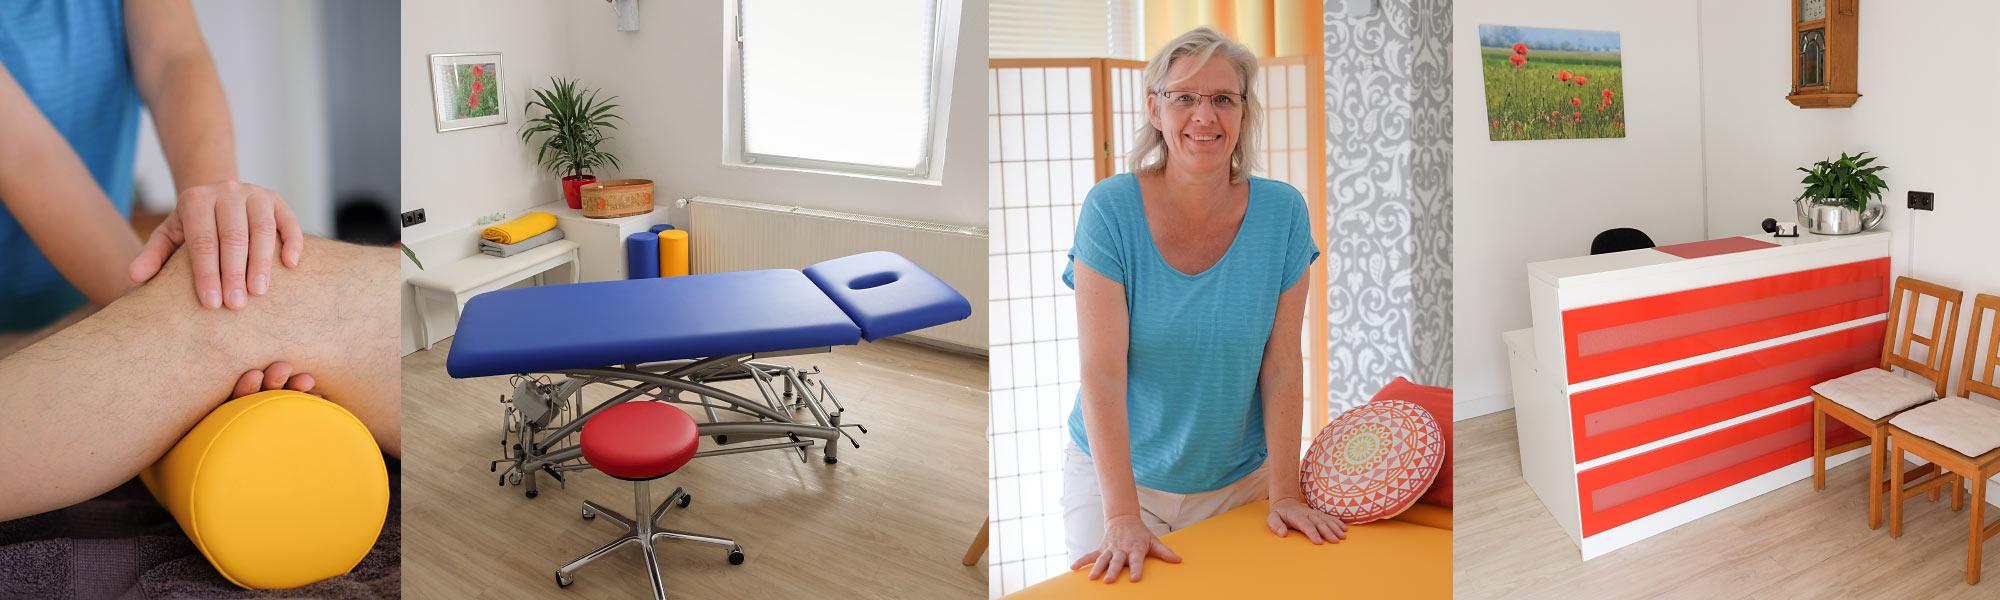 Praxis für Körpertherapie – Ulrike Hollmann